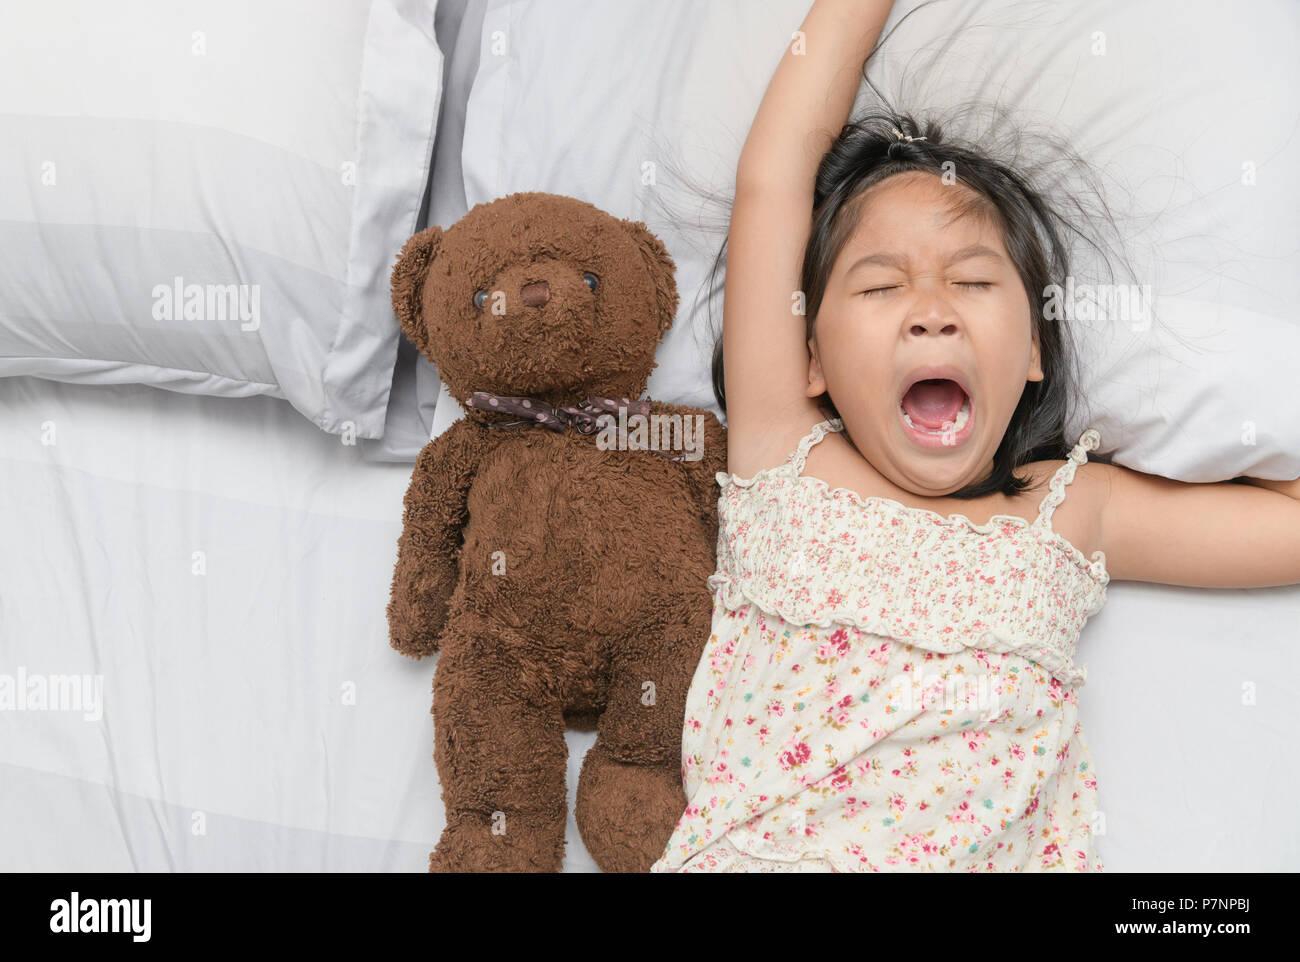 Bambina sbadiglio e dormire sul letto con Teddy bear bambola, assistenza sanitaria e concetto di rilassamento Immagini Stock